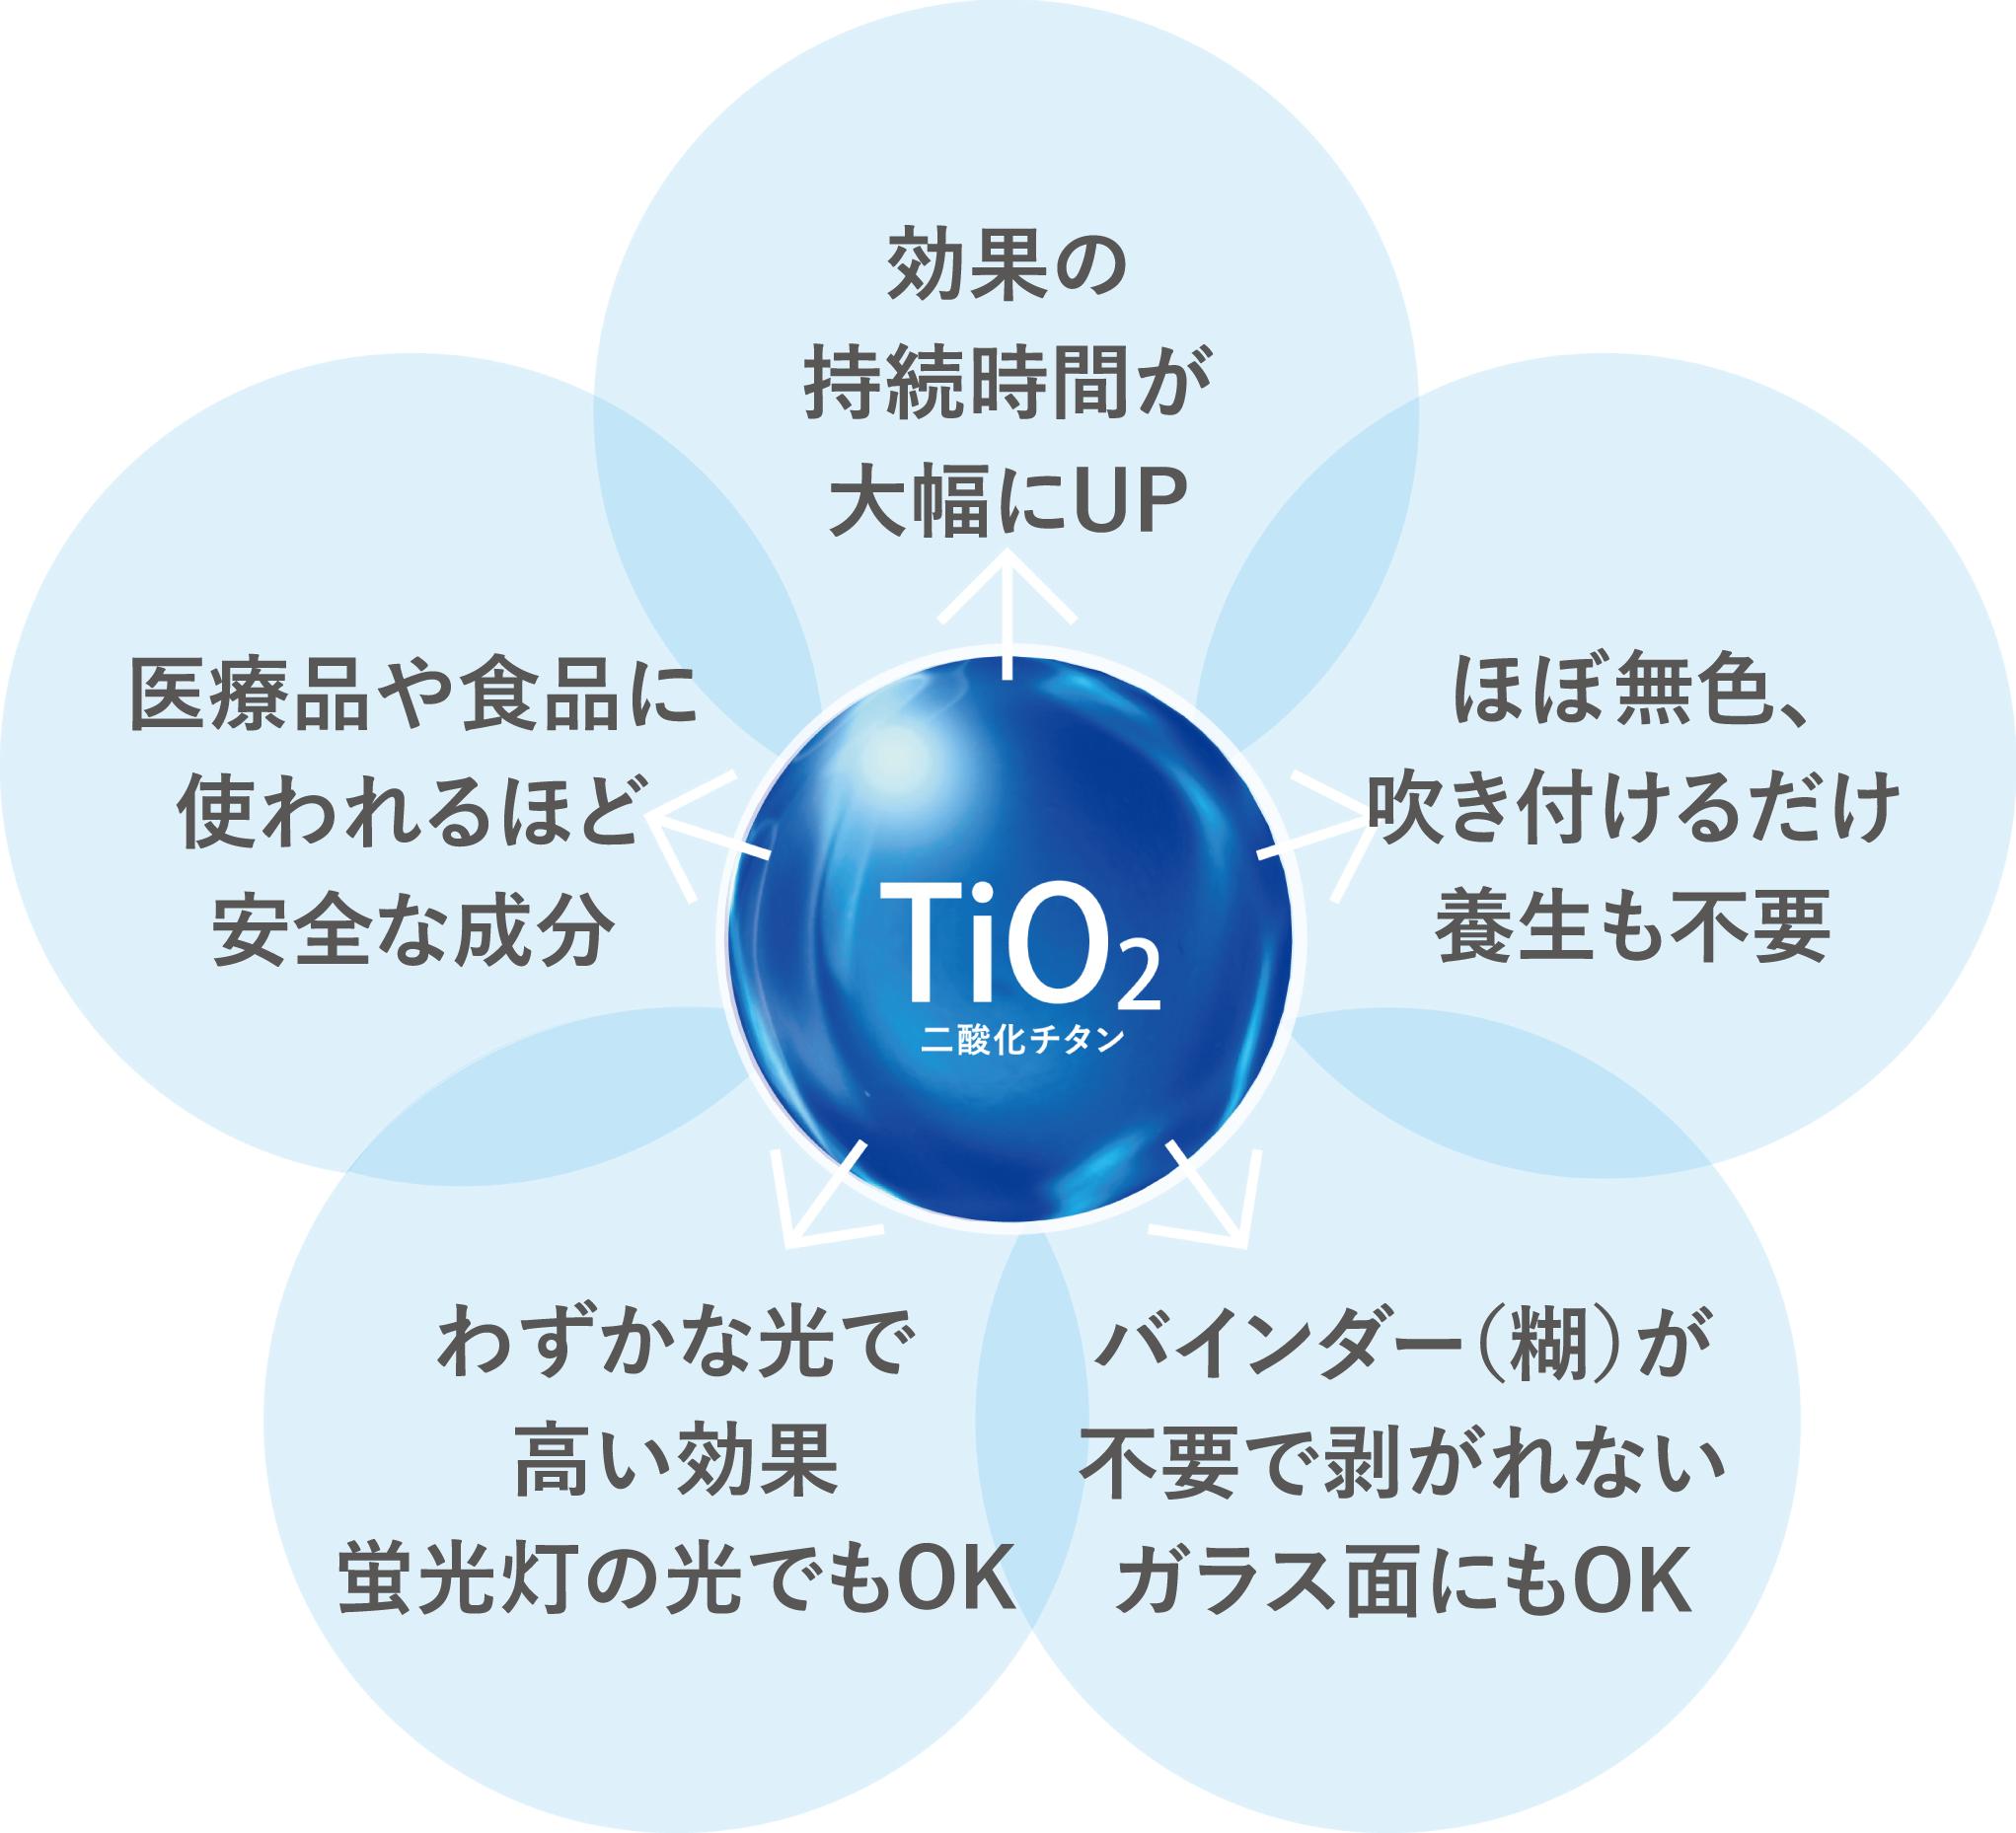 イオニアミストプロの成分二酸化チタンの5つの特長